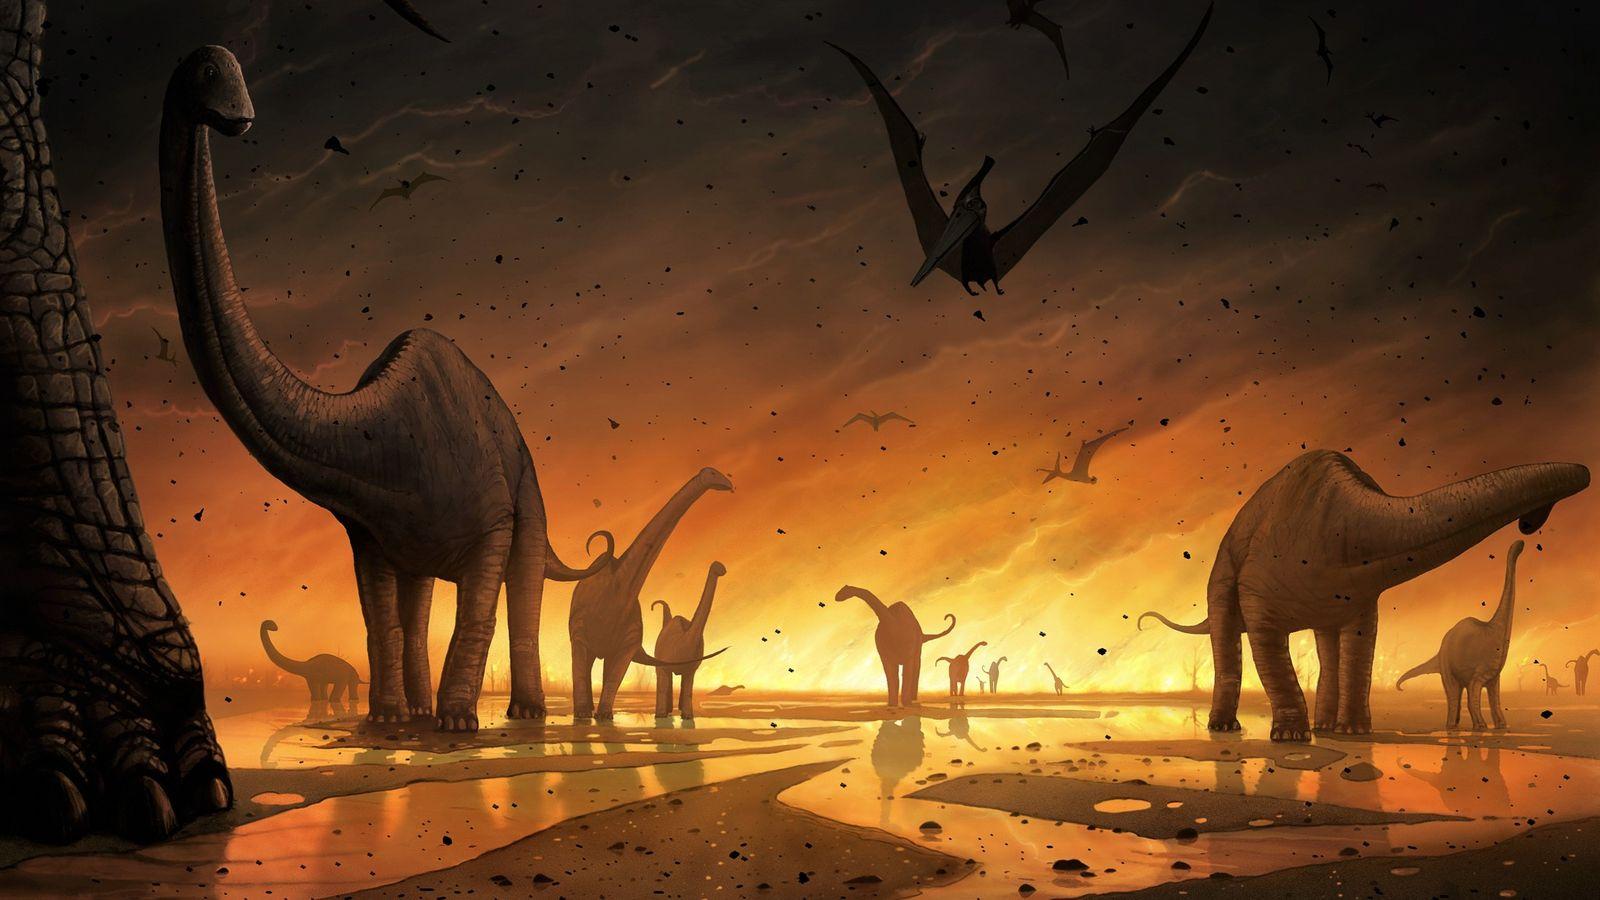 Vision d'artiste de dinosaures fuyant l'impact de la météorite.